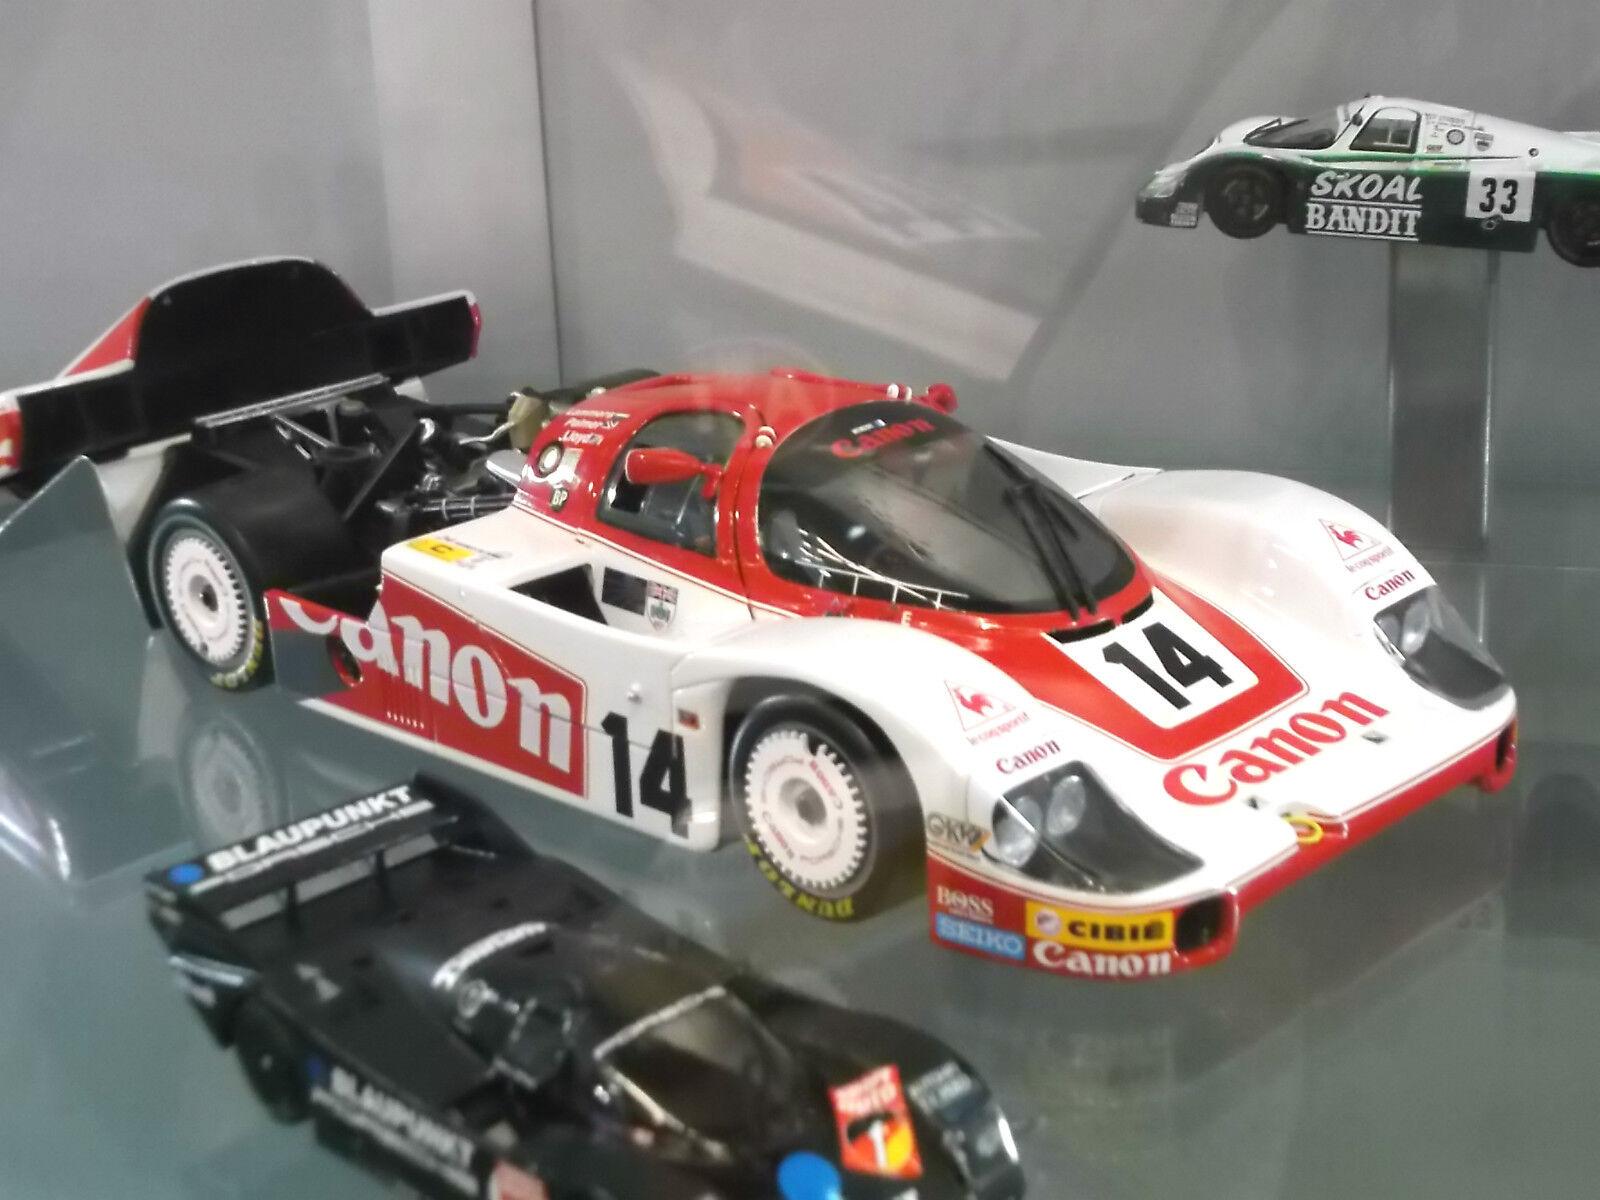 Porsche 956 956 956 LH langheck Le Femmes 1983 #14 canon palmer Lloyd agneau Minichamps 1:18 | Exquis  2b4662